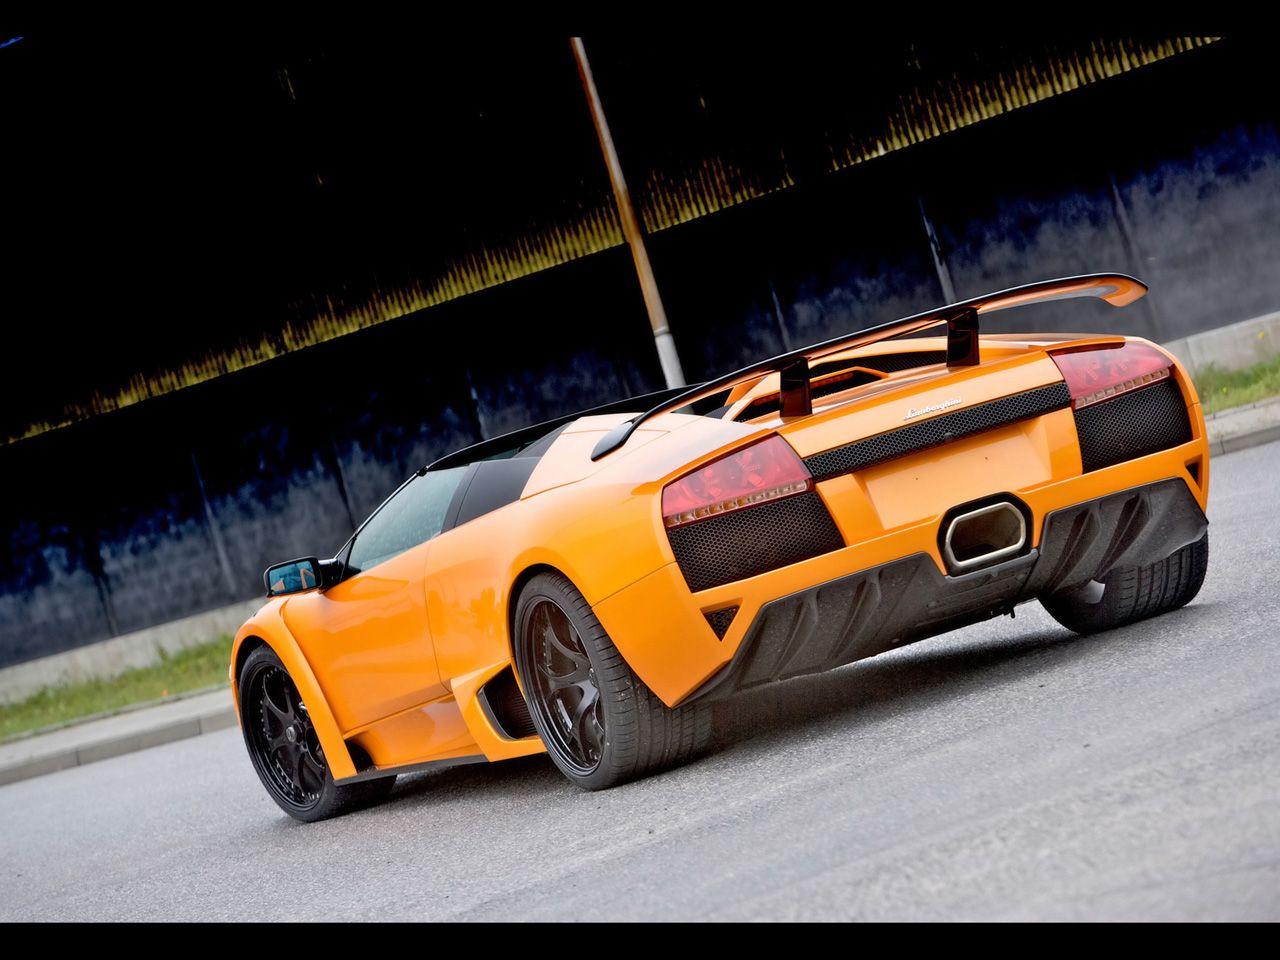 Lamborghini Murcielago Innovative Cars Coches Super Coches